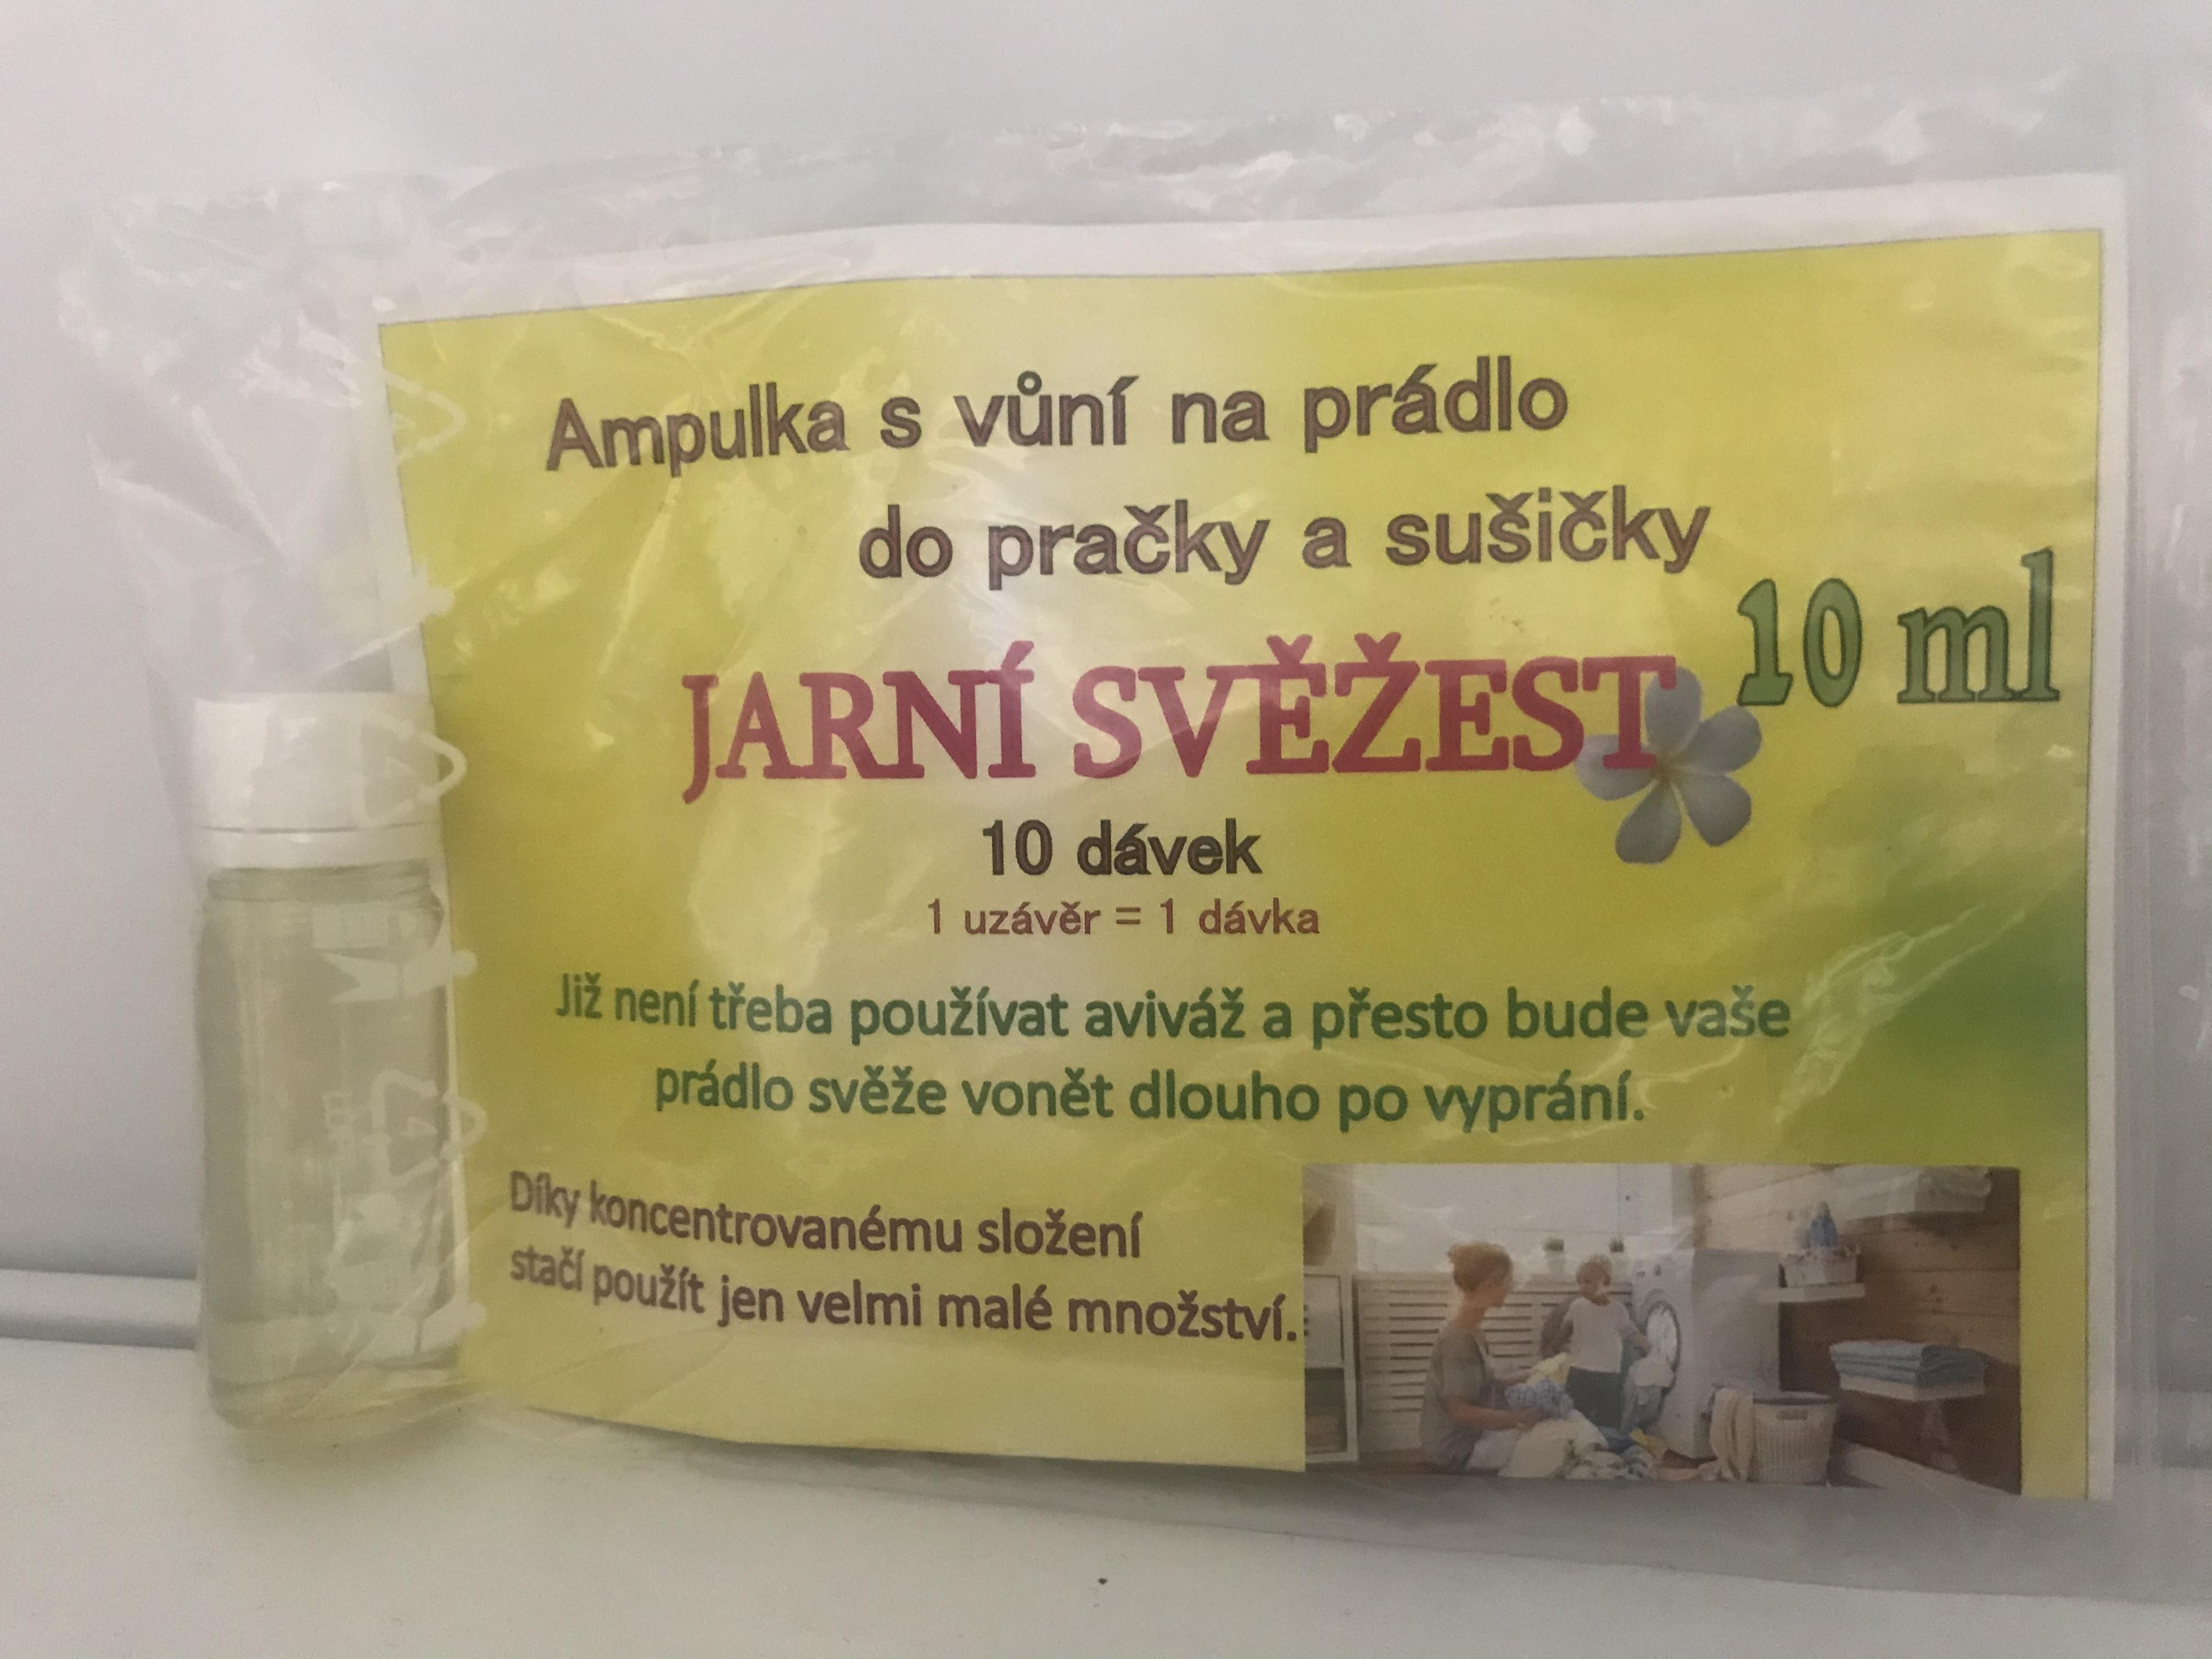 Jarní svěžest 10 dávek - Parfém na prádlo do pračky a sušičky 10 ml